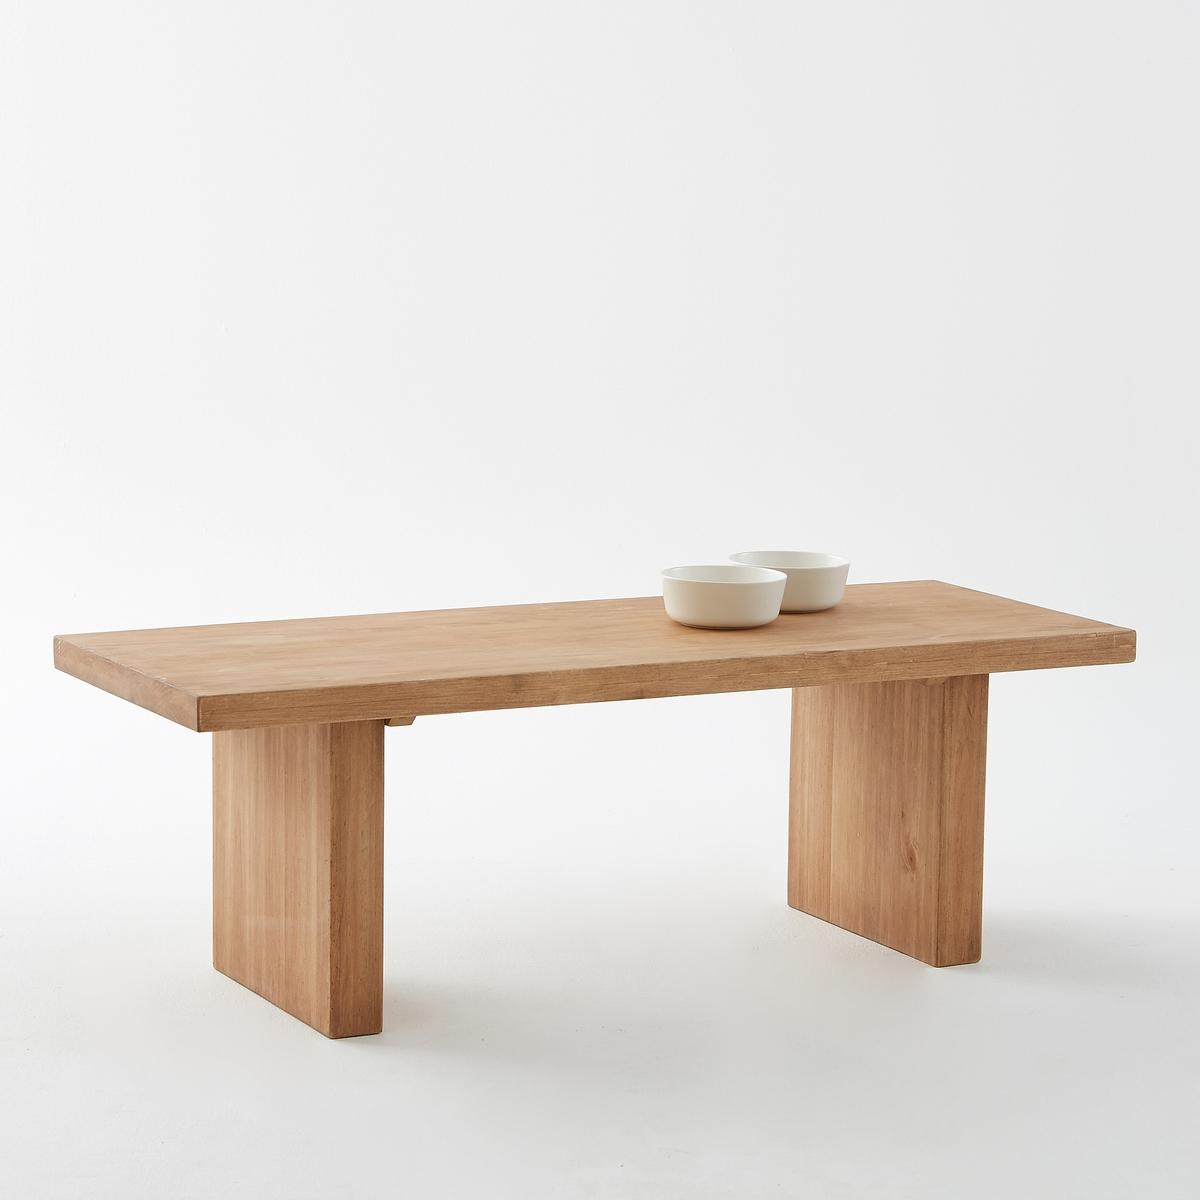 Столик журнальный MALUПрямоугольный журнальный столик Malu сочетает характеристики монашеских столиков и элегантность, неподвластную времени.Описание столика Malu :Столешница толщиной. 4 см (встроенный ремень).Широкие боковые вставки толщиной. 6,5 см.Небольшая глубина, не очень громоздкий.Характеристики столика Malu :Каркас из массива сосны.Покрытие натуральным воском.Другие модели коллекции Malu вы можете найти на сайте laredoute.ruРазмеры столика Malu :Ширина : 120 смВысота : 40 смГлубина : 45 смРазмеры и вес упаковки :1 упаковкаШ.127,5 x В.17,5 x Г.52,5 см, 17 кг Доставка:Продается в разобранном виде.  Товар может быть доставлен до Вашей двери по предварительной договоренности! Внимание! Убедитесь, что возможно осуществить доставку товара, учитывая его габариты (проходит в дверные проемы, по лестницам в лифты).<br><br>Цвет: сосново-зеленый вощеный<br>Размер: единый размер